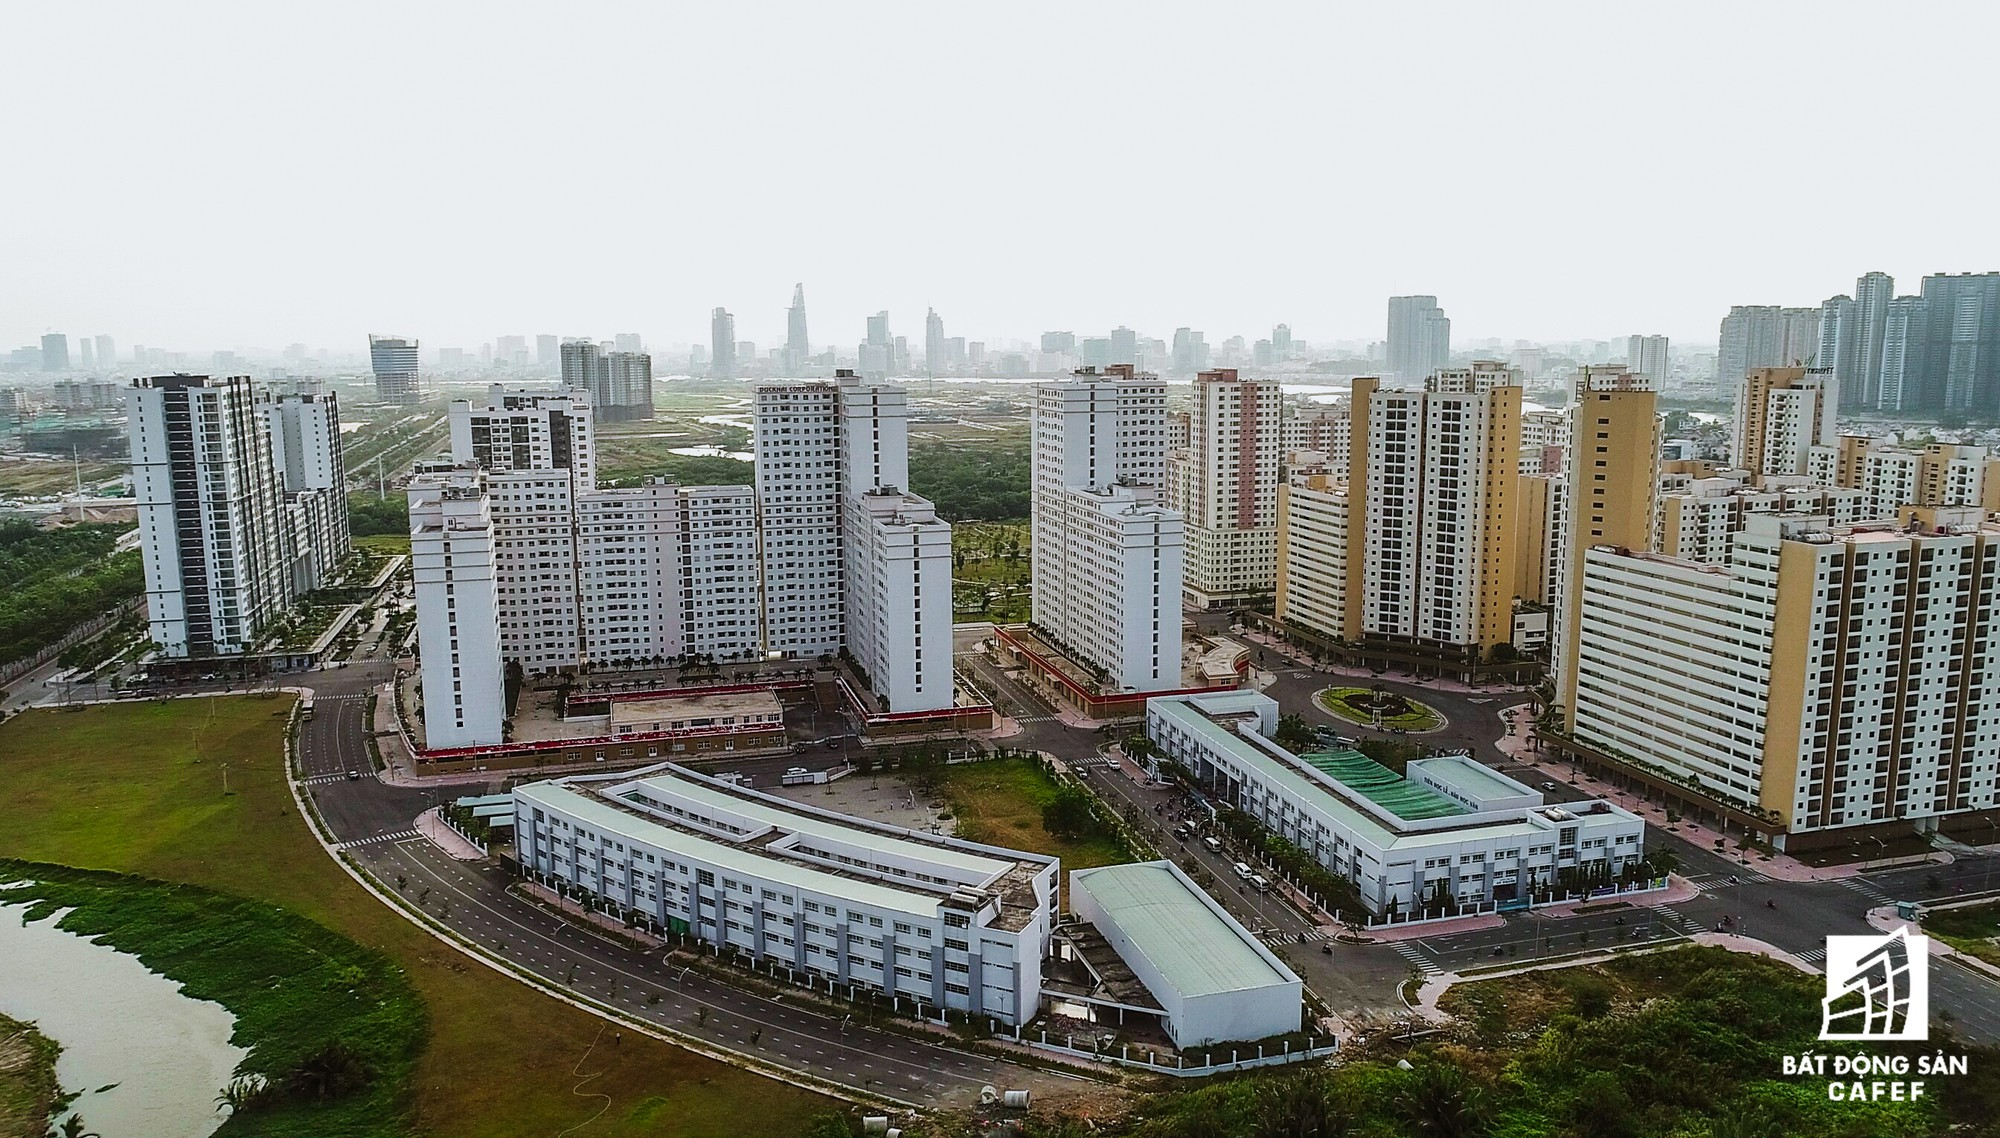 Toàn cảnh khu tái định cư đồ sộ nhất TPHCM, chục nghìn căn hộ không ai ở, bán đấu giá nhiều lần thất bại - Ảnh 4.